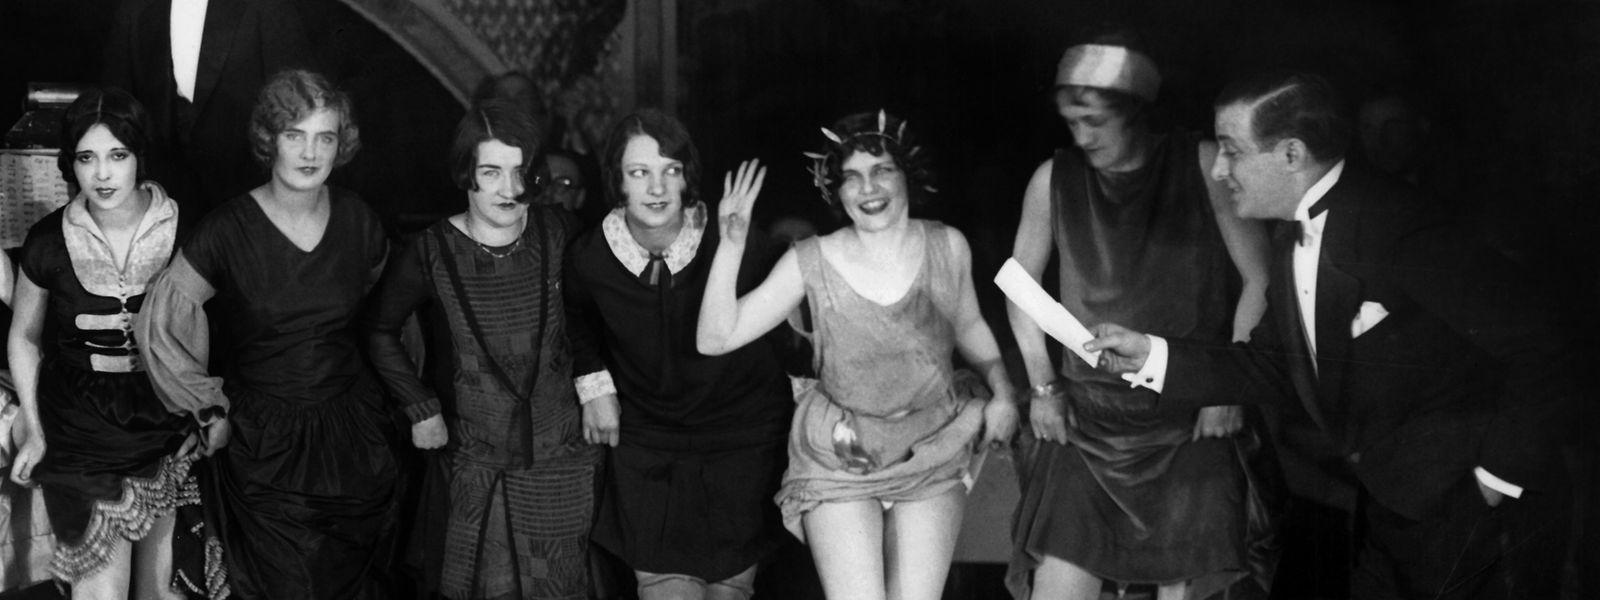 Charleston-Tanz als Teil eines Ausdauer-Tanzwettbewerbs. Wiederholt sich Geschichte doch? Einige Experten sagen neue Goldene Zwanziger voraus - nach der Pandemie; so ähnlich wie vor 100 Jahren.